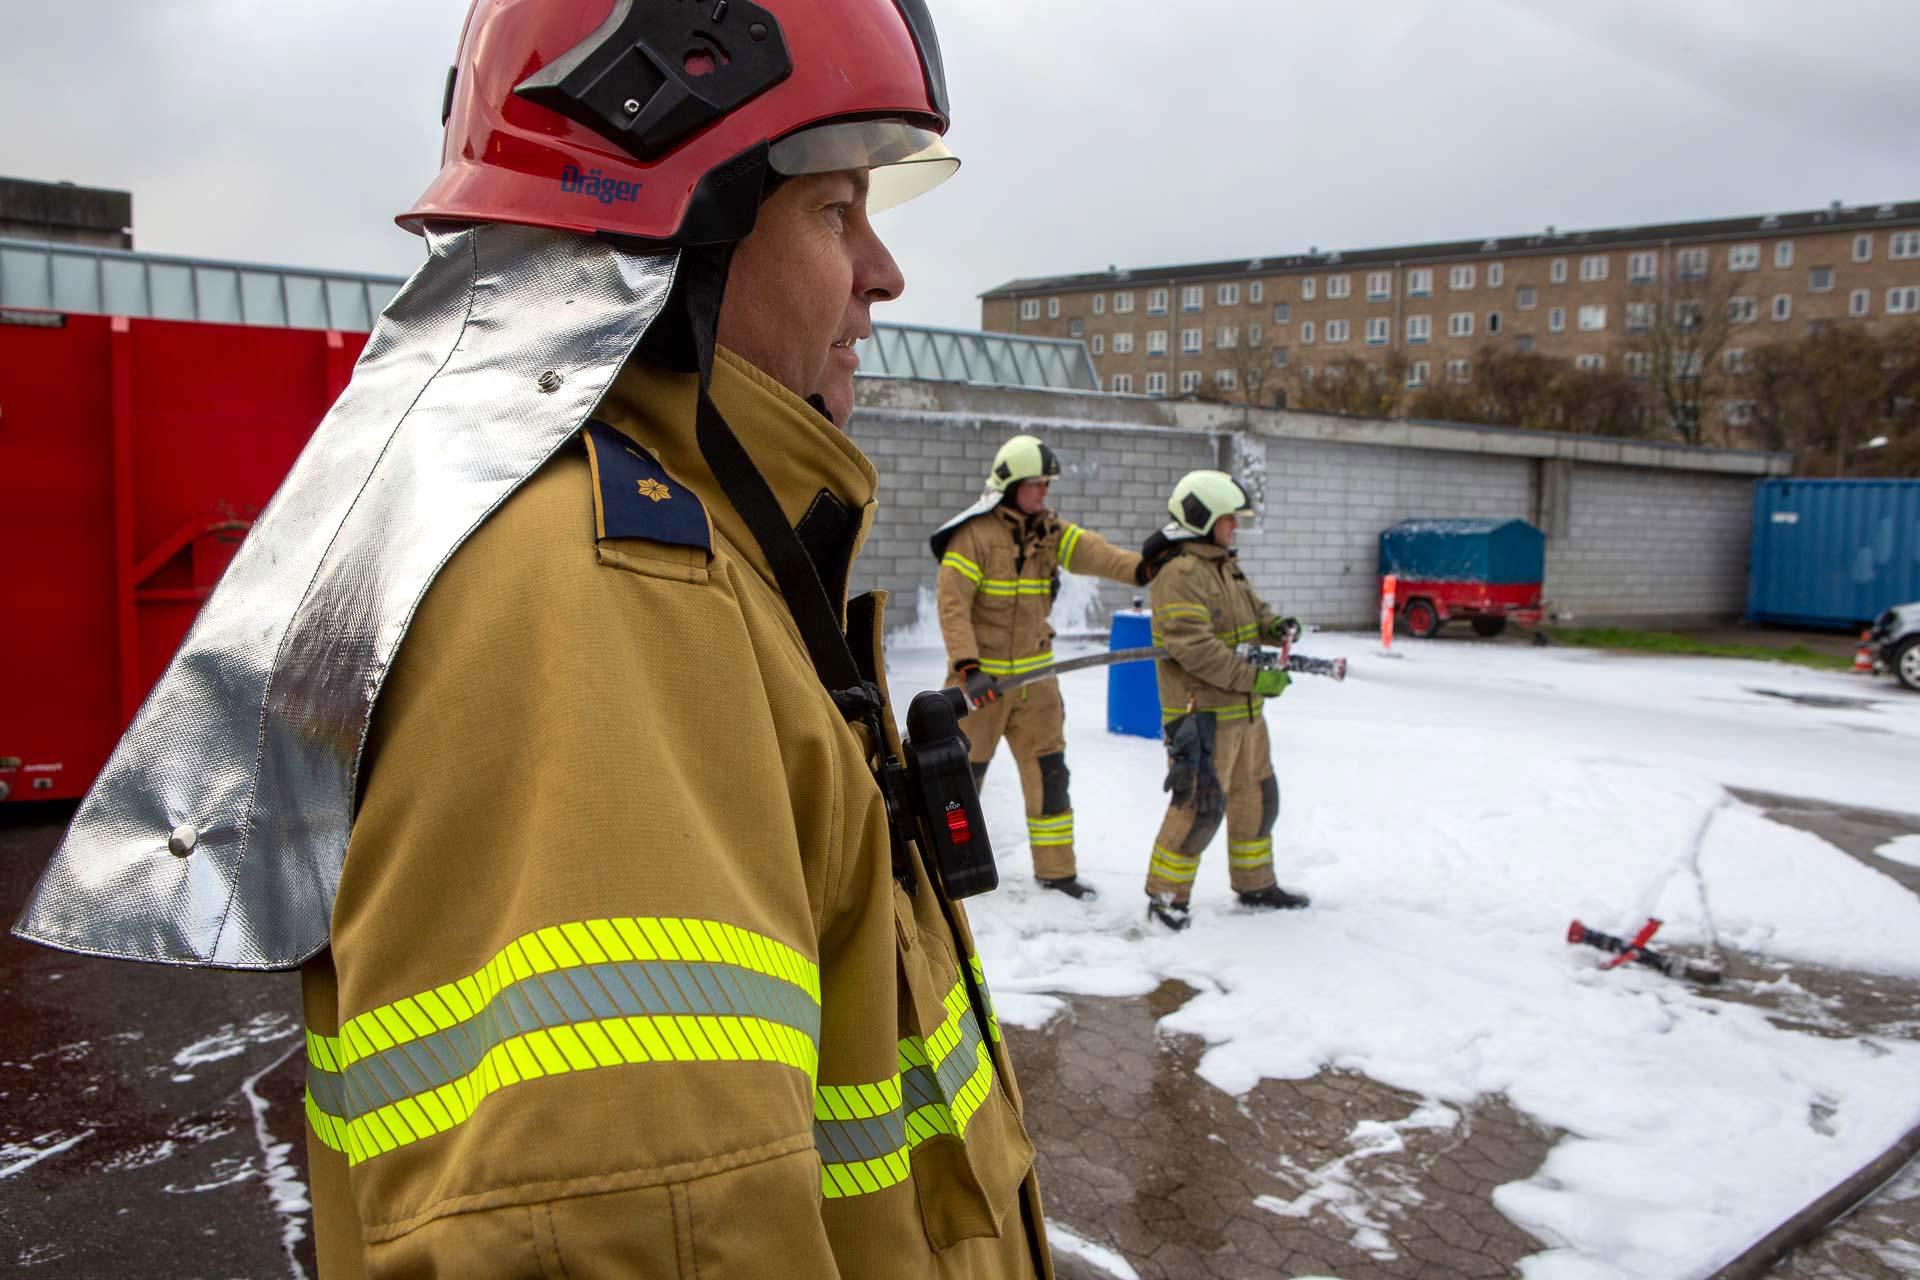 Brandmand der løser en opgave